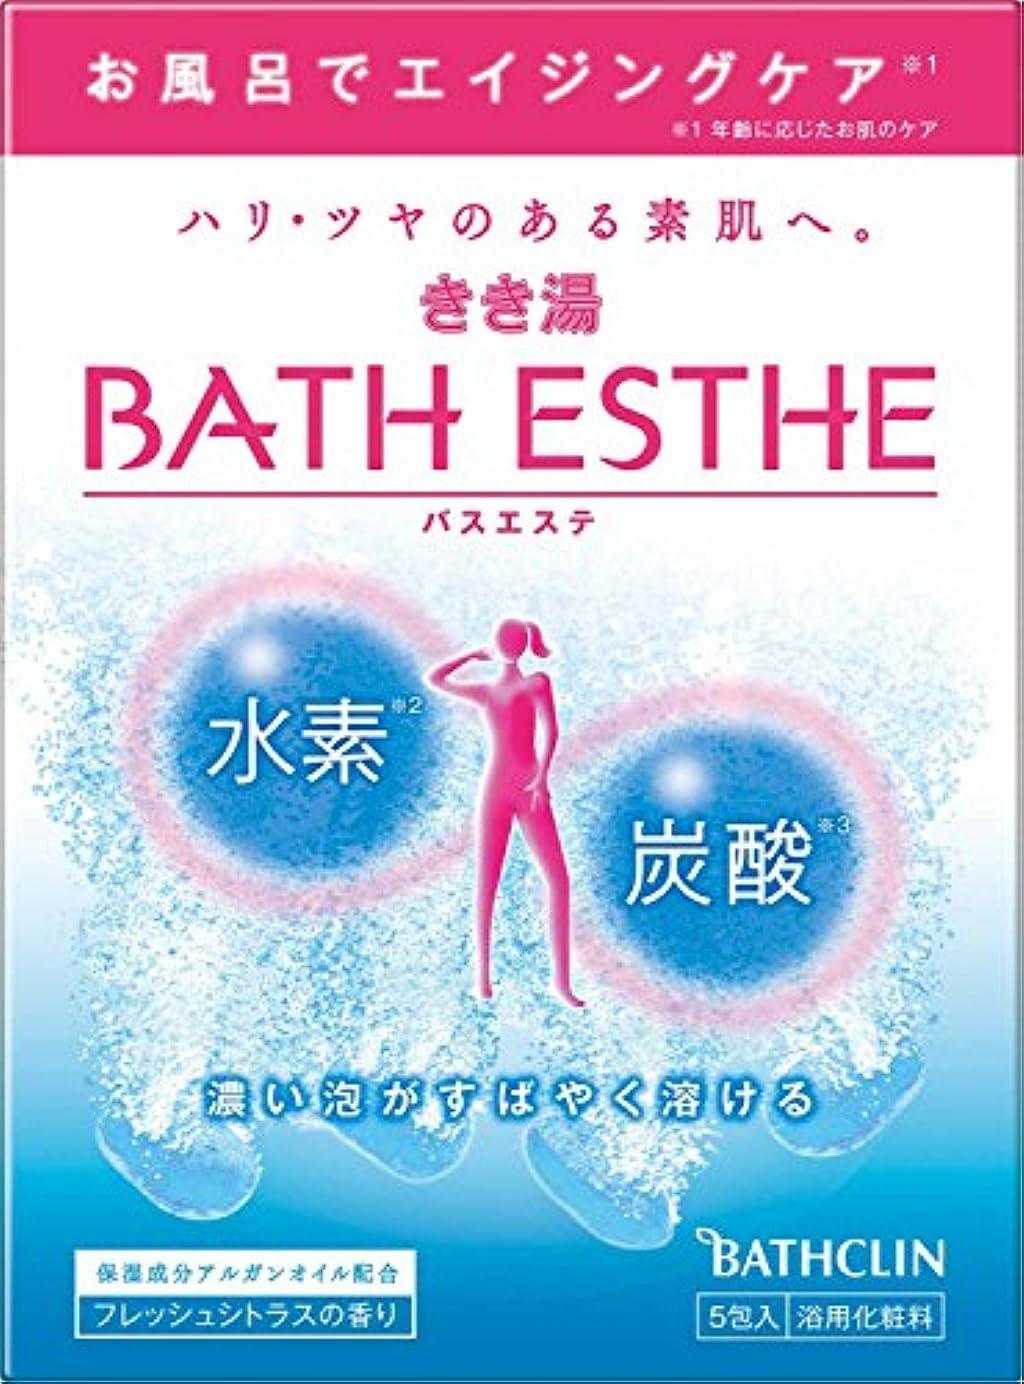 最高海洋の退院きき湯バスエステ炭酸水素入浴剤 フレッシュシトラスの香り50g×5包入り 発泡タイプ 個包装